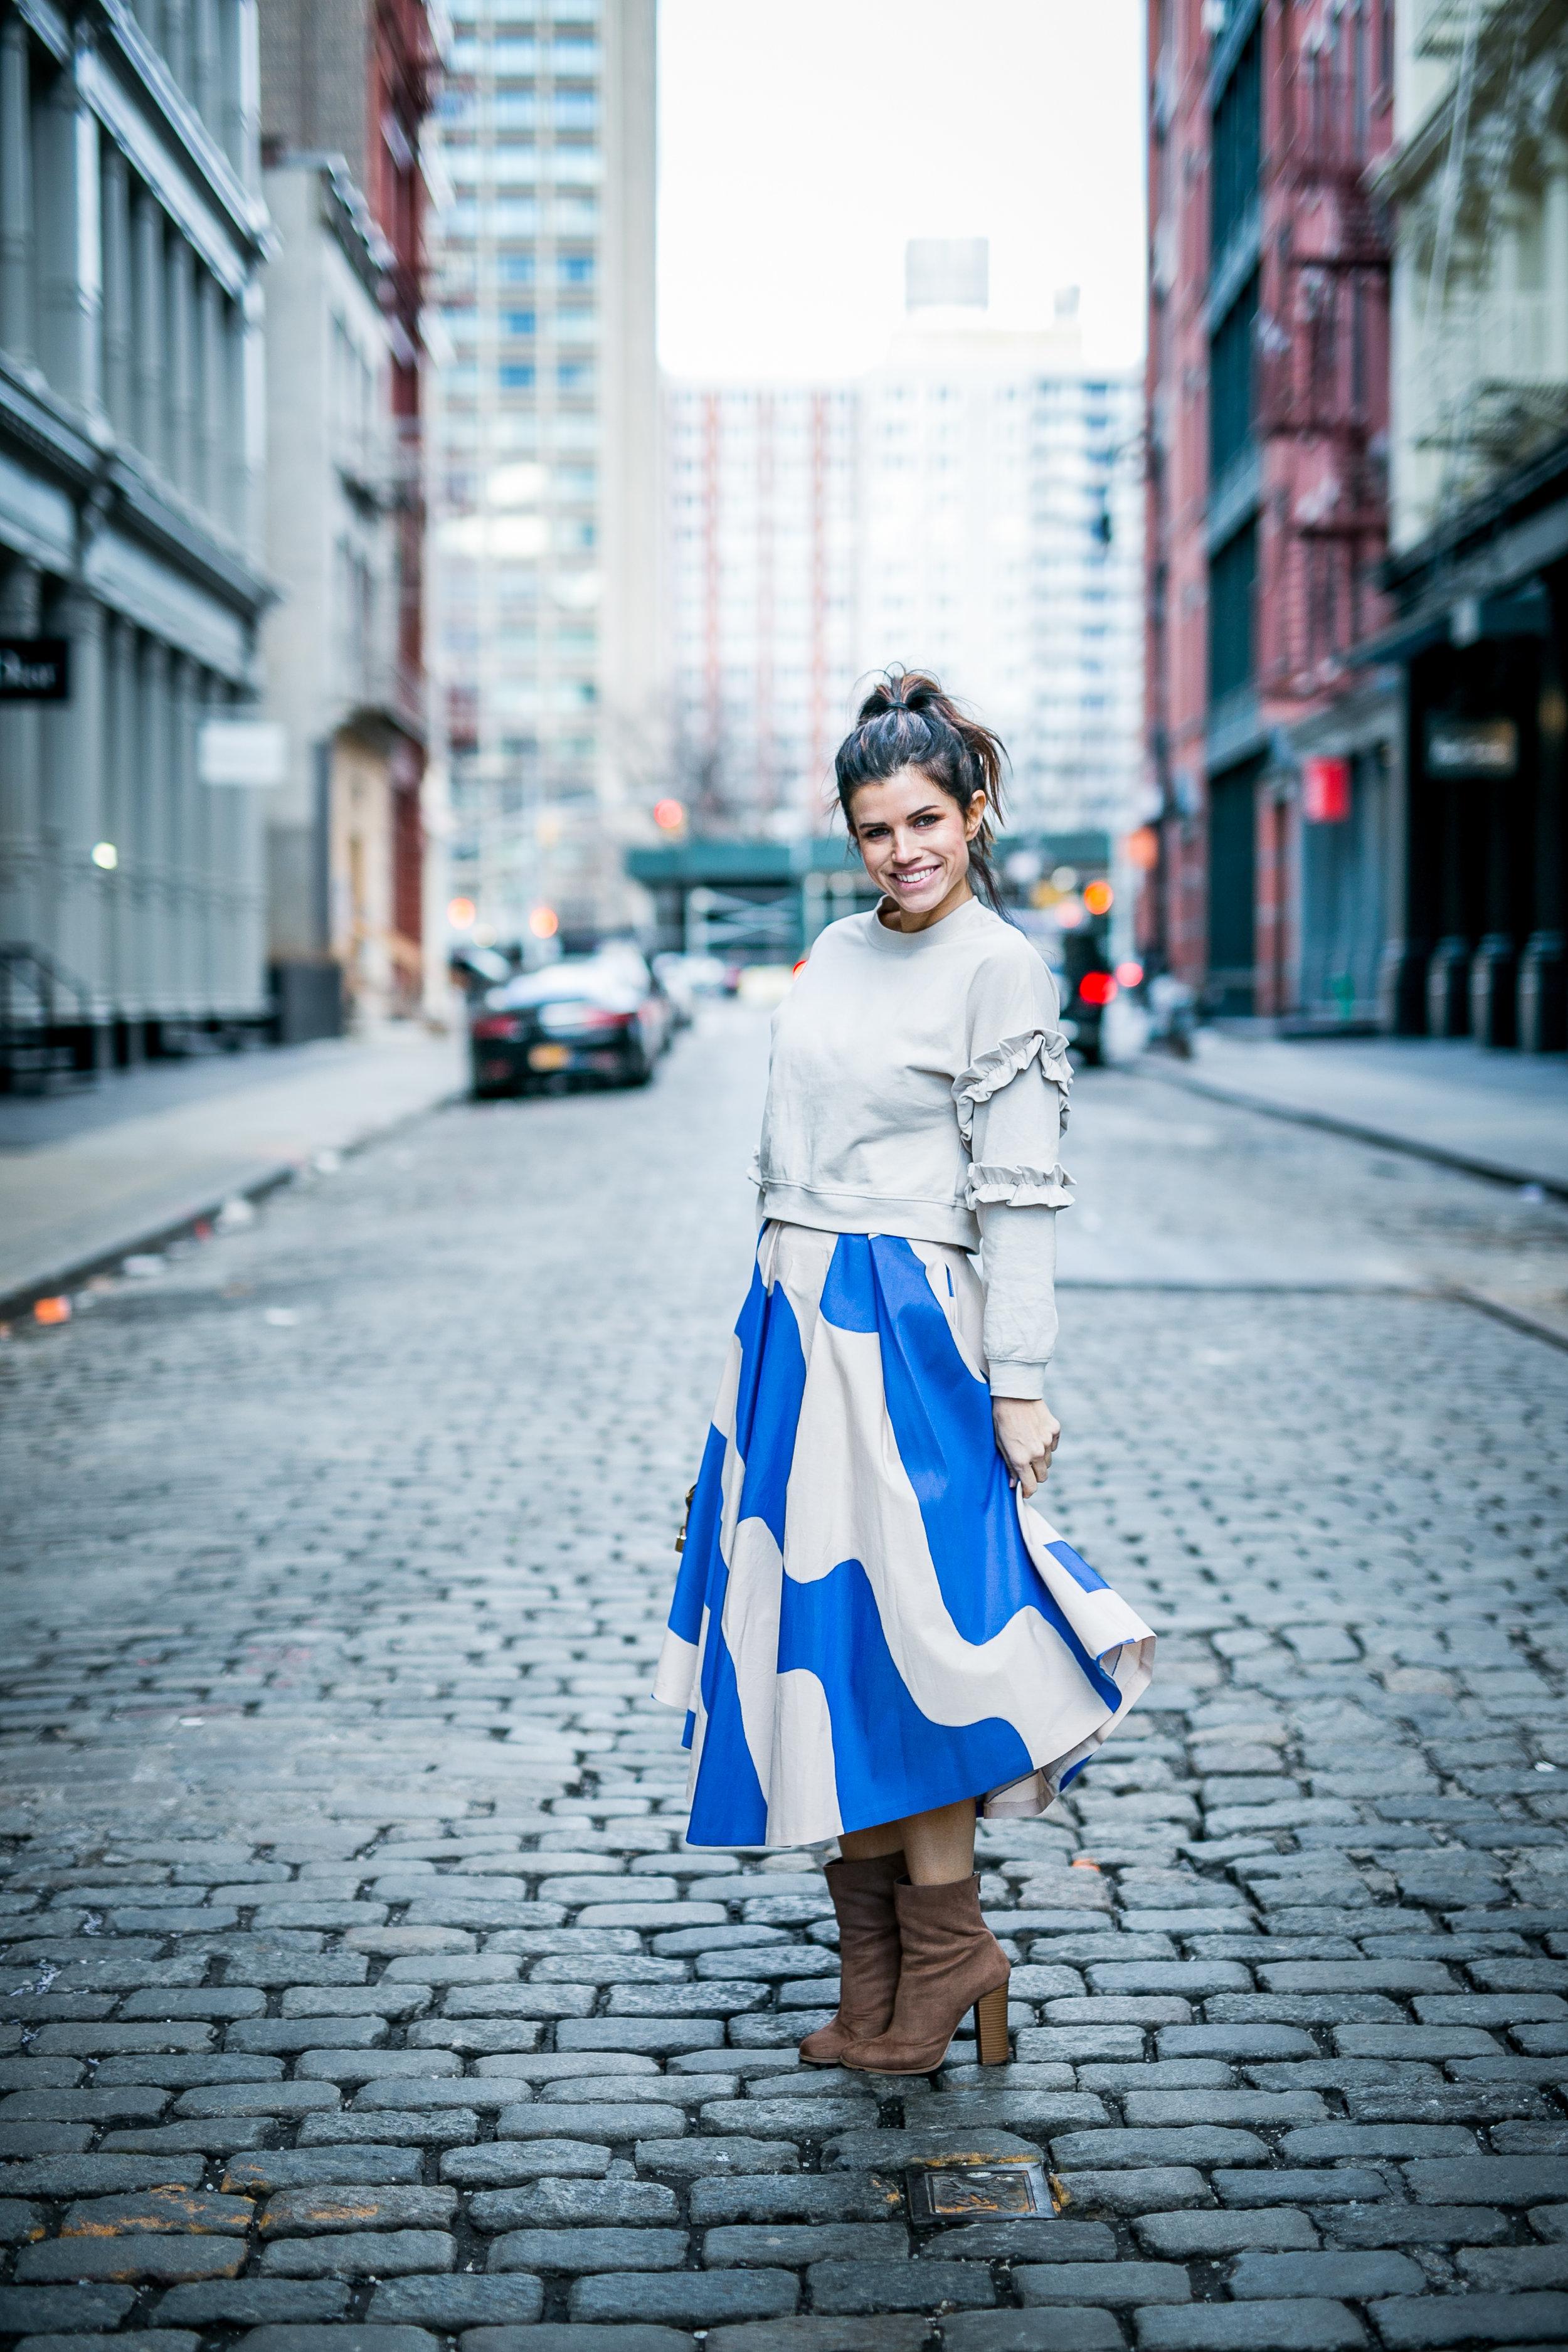 vestique + milly 3d floral mini skirt & h&m sweatshirt ruffle + vestique+  louis vuitton